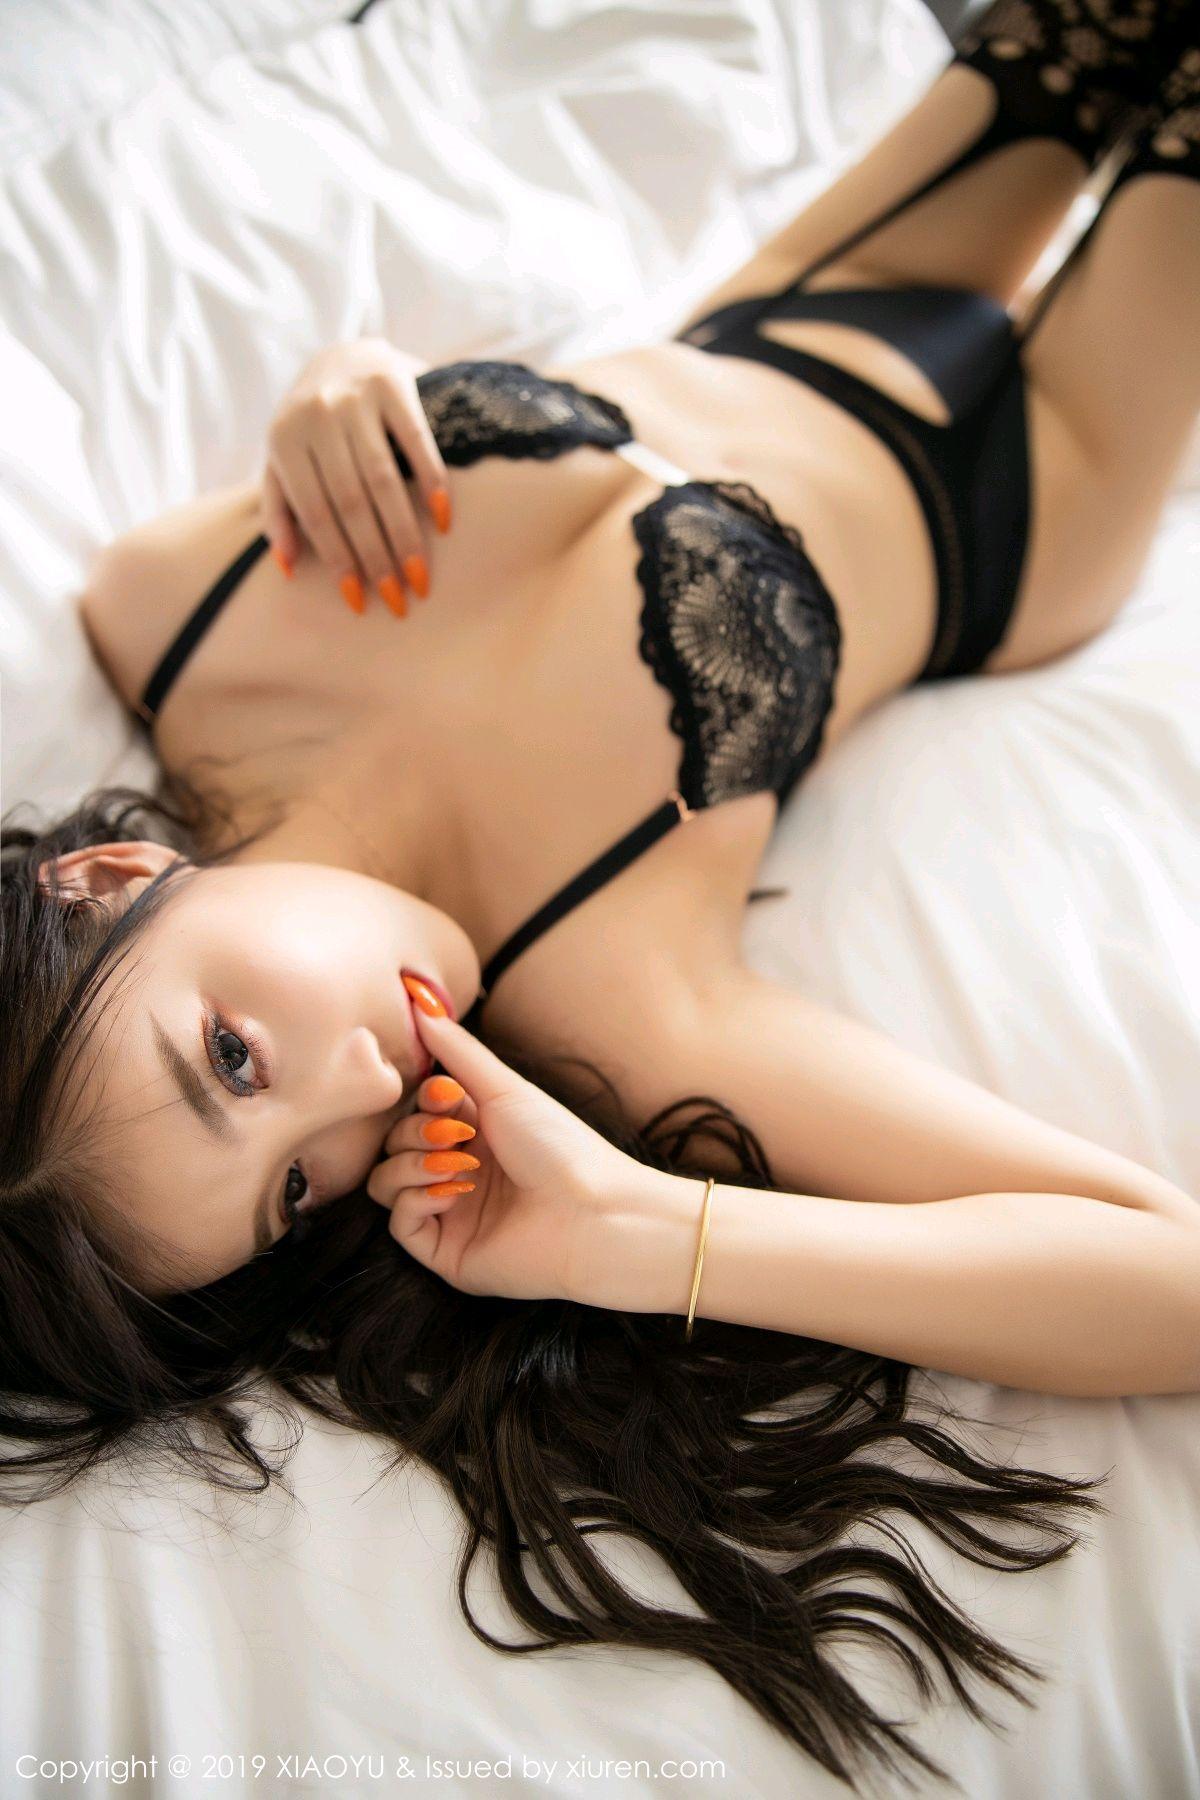 [XiaoYu] Vol.199 Yang Chen Chen 76P, Black Silk, Underwear, XiaoYu, Yang Chen Chen